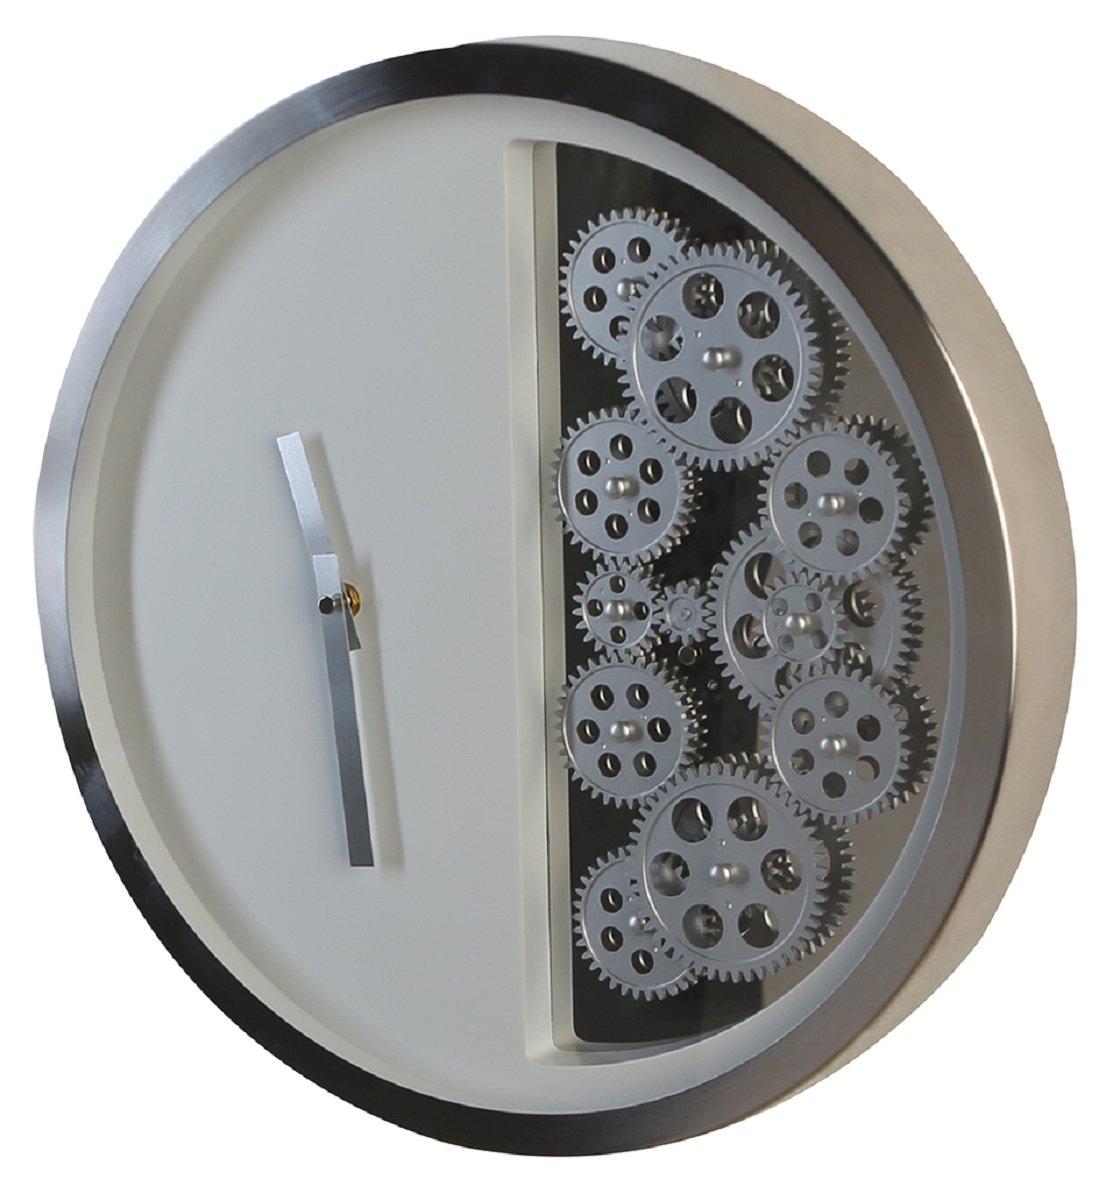 Casablanca 150176 Uhr Wanduhr - Zahnräder Edelstahl - Weiss Silber - Ø 39 cm